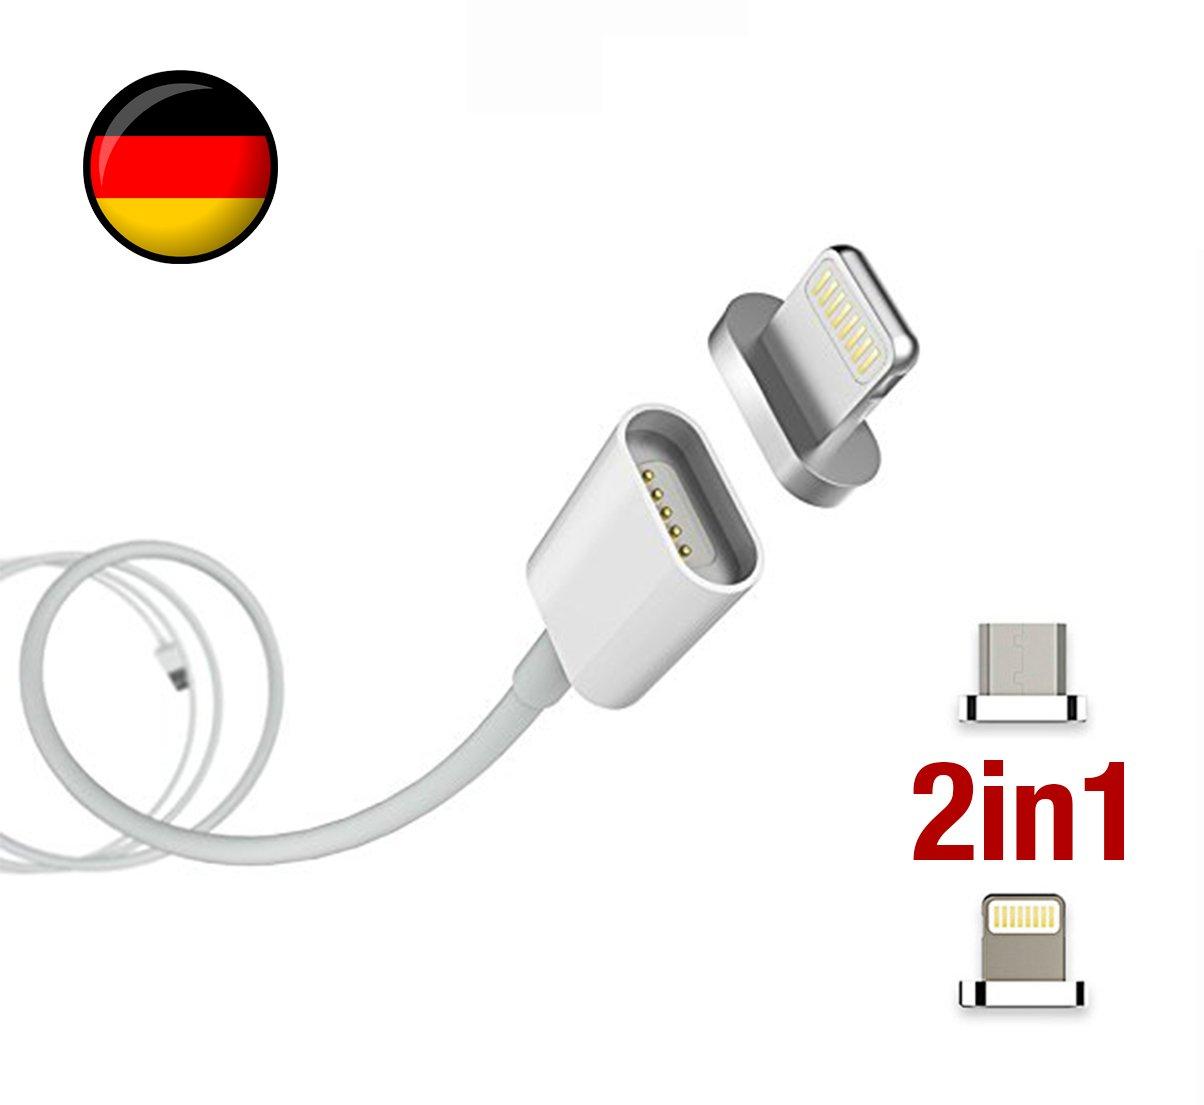 DEUTSCHE MARKE: 2-in-1 Magnetisches USB Ladekabel: Amazon.de: Elektronik